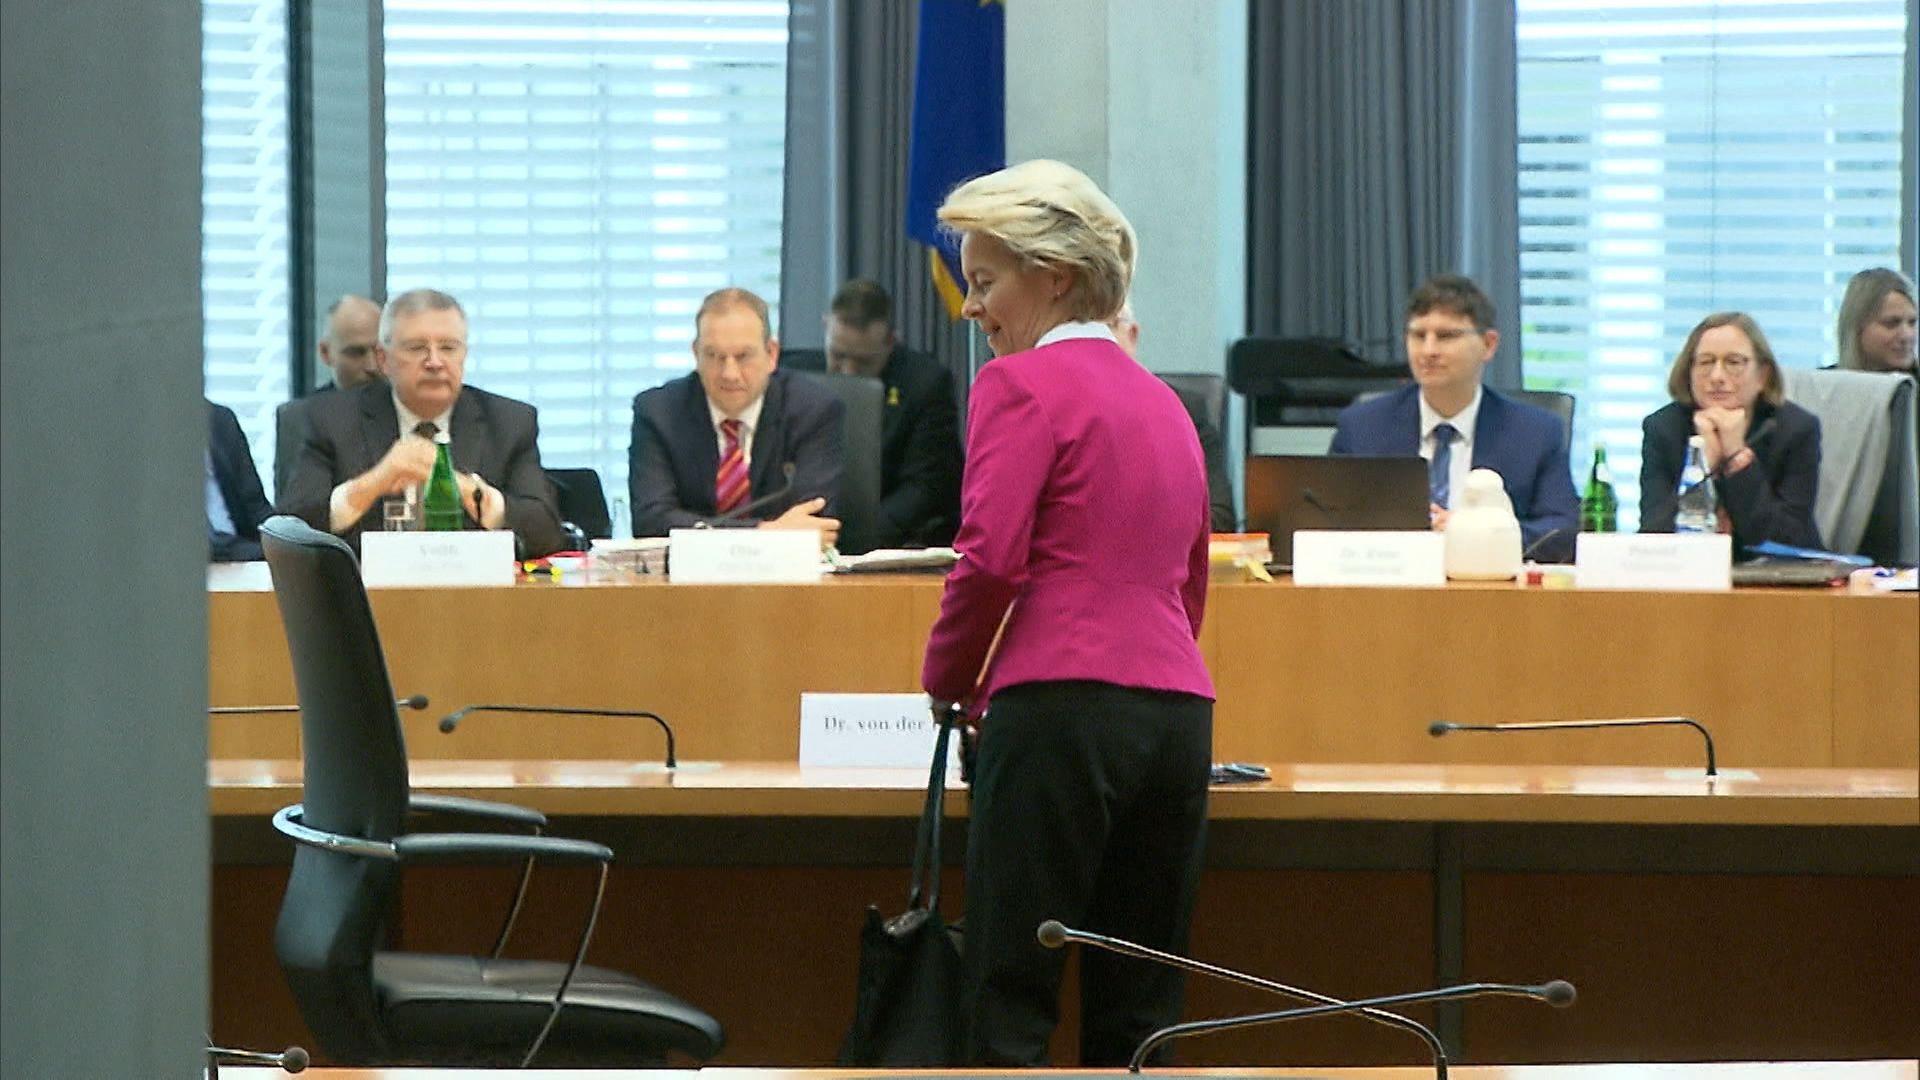 Ursula von der Leyen wird von ihrer Vergangenheit als Verteidigungs-Ministerin eingeholt: Ihr Ministerium soll ja millionenschwere Verträge an externe Berater vergeben haben - ohne Rücksicht auf das Vergaberecht.